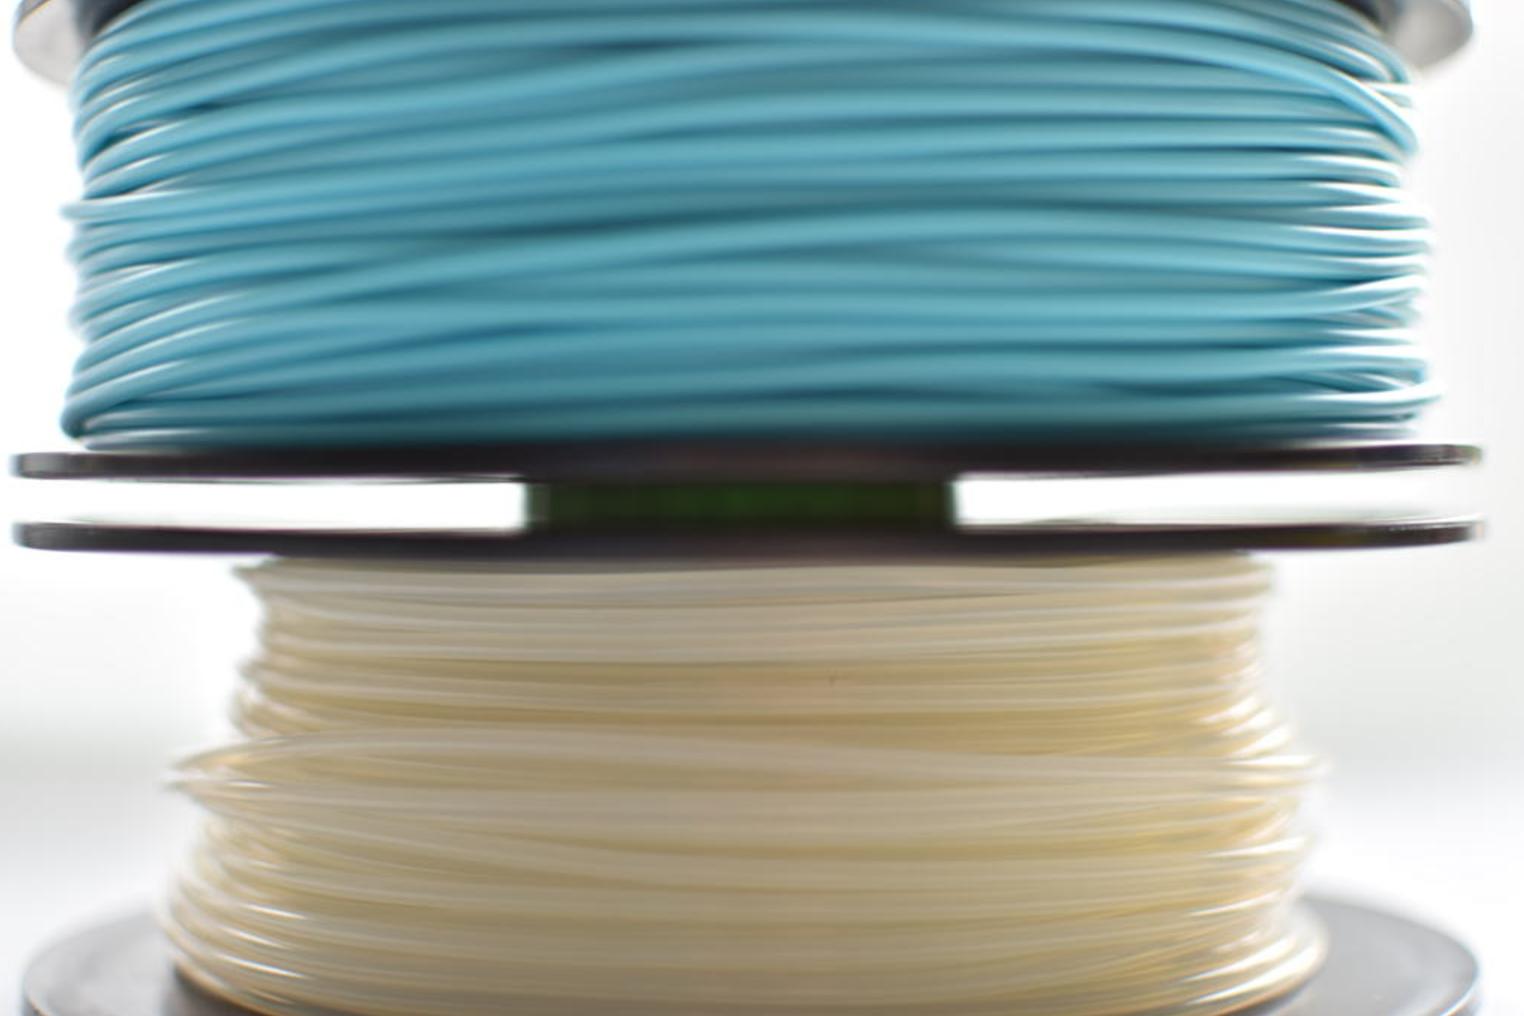 Capture d'écran 2017-05-04 à 11.16.31.png Download free STL file spool holder for several spool filament • 3D printer model, JOHLINK